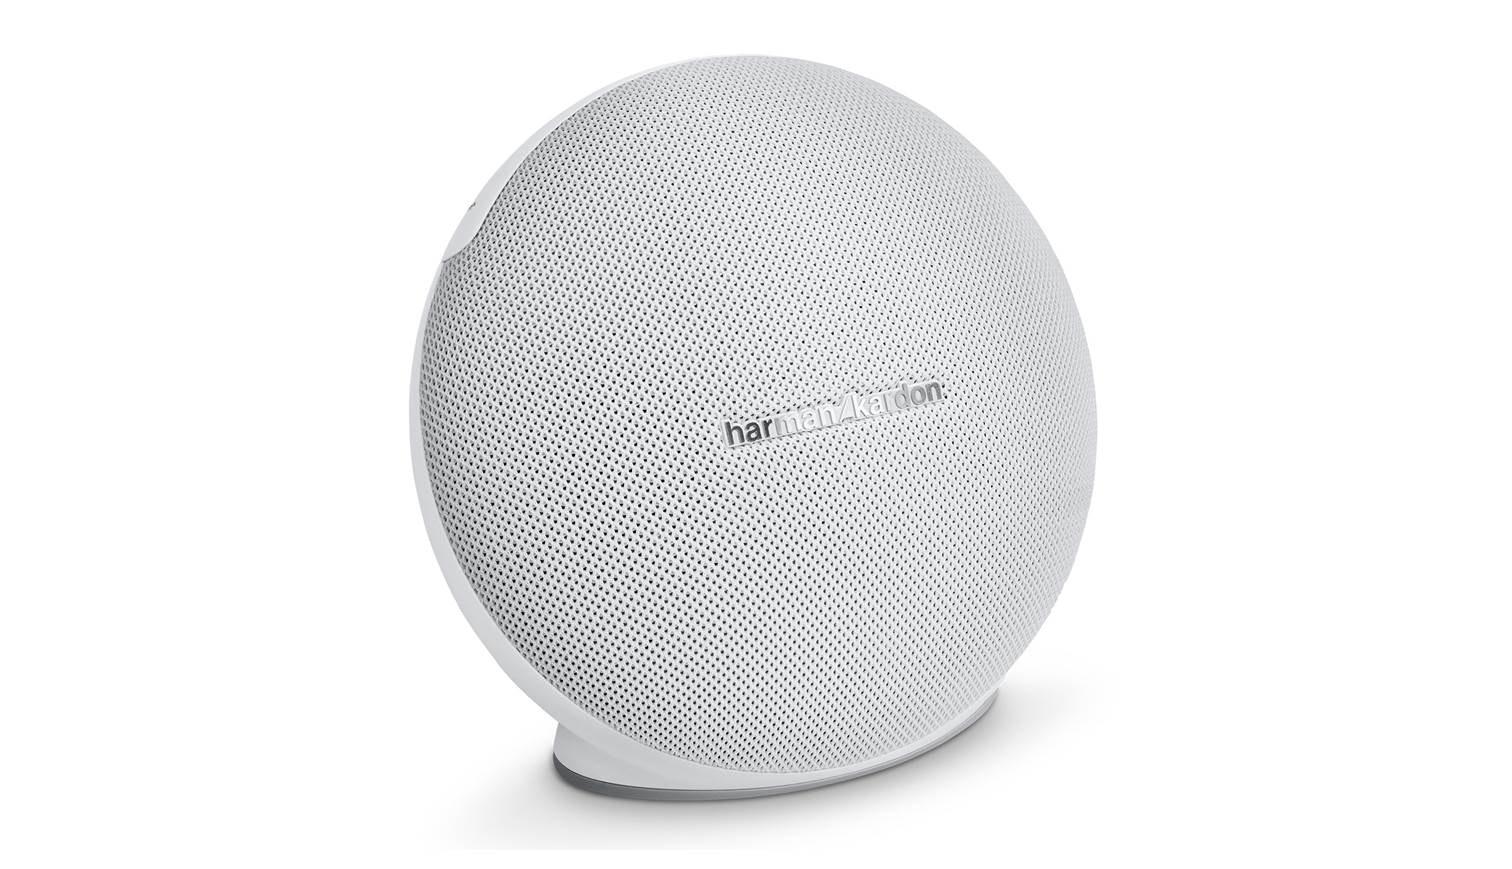 harman kardon mini. harman kardon onyx mini wireless speaker - white